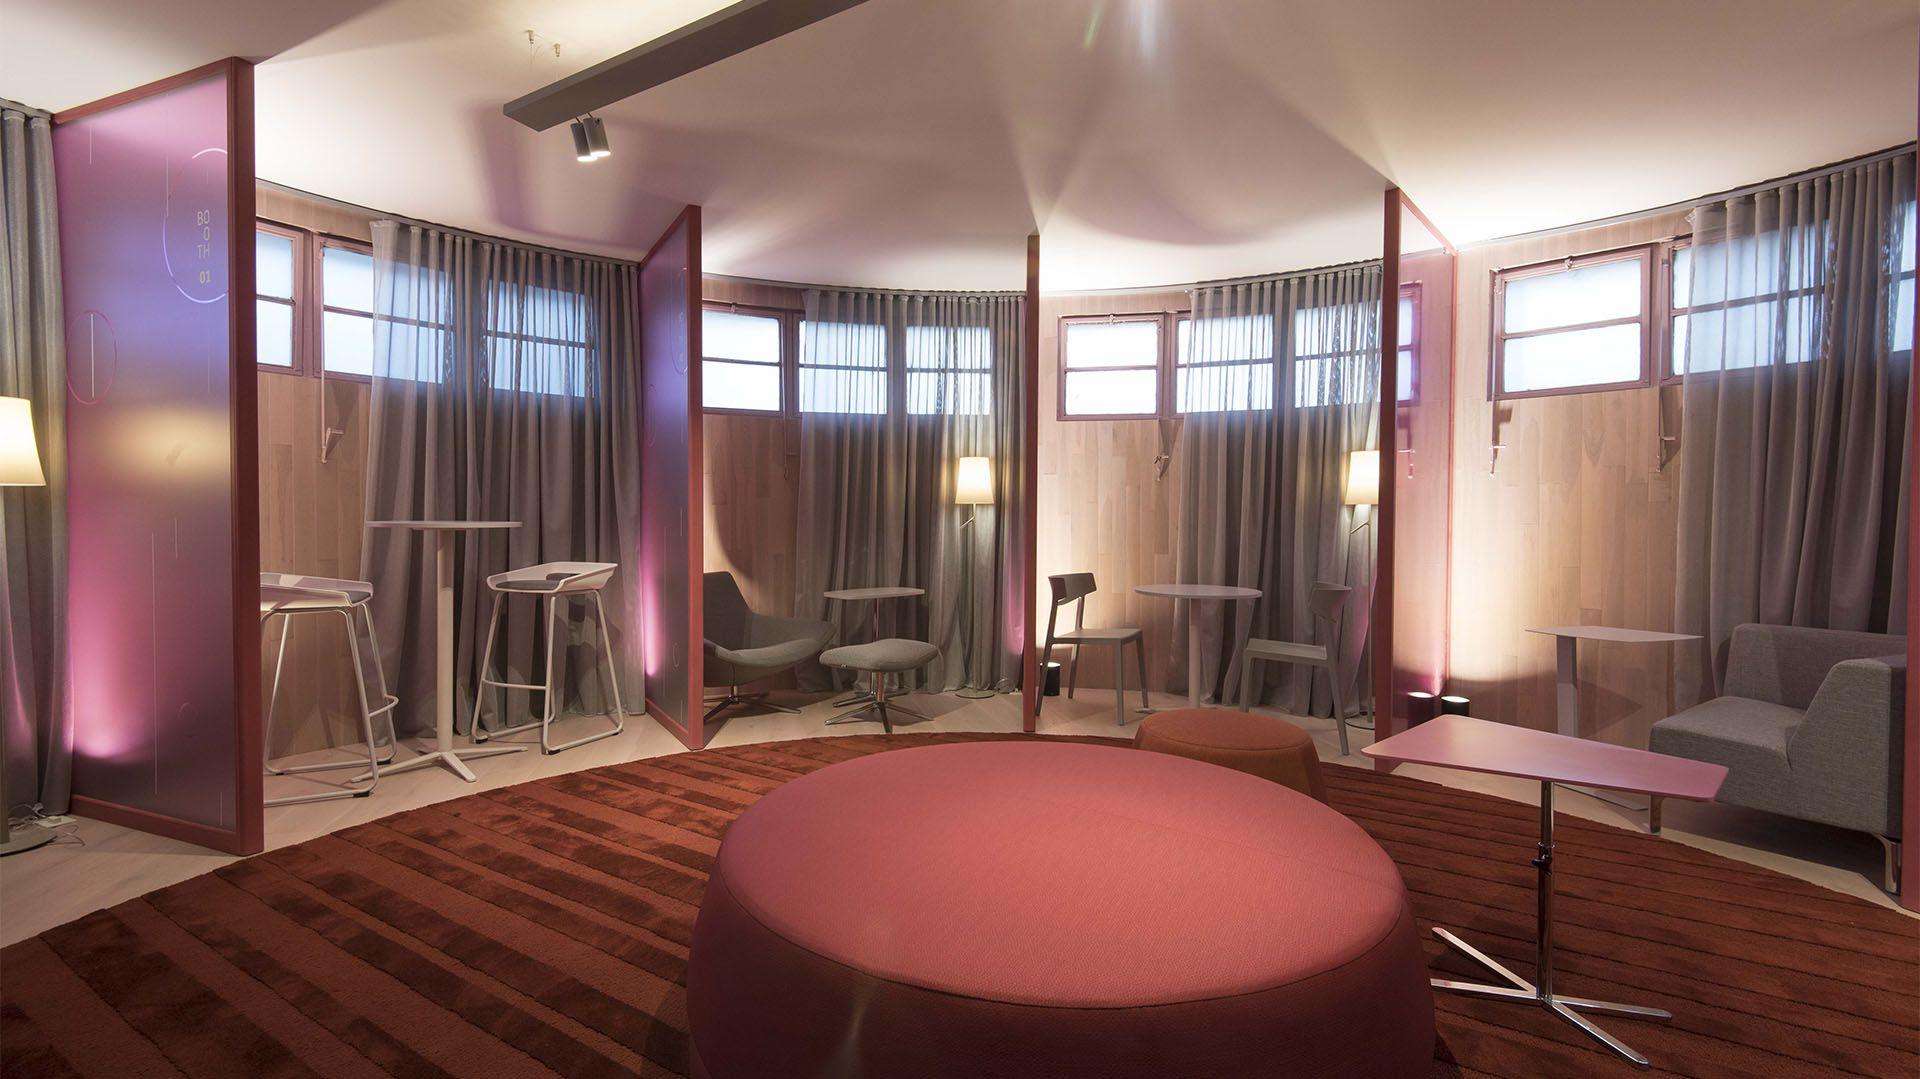 Los arquitectos Juan Caram, Flavio Domínguez y Diego Segoura tuvieron a su cargo el espacio de coworking. Para su realización eligieron el color rosa y un mobiliario que permite desarrollar las diferentes tareas de trabajo, con lugares de mayor y menor privacidad